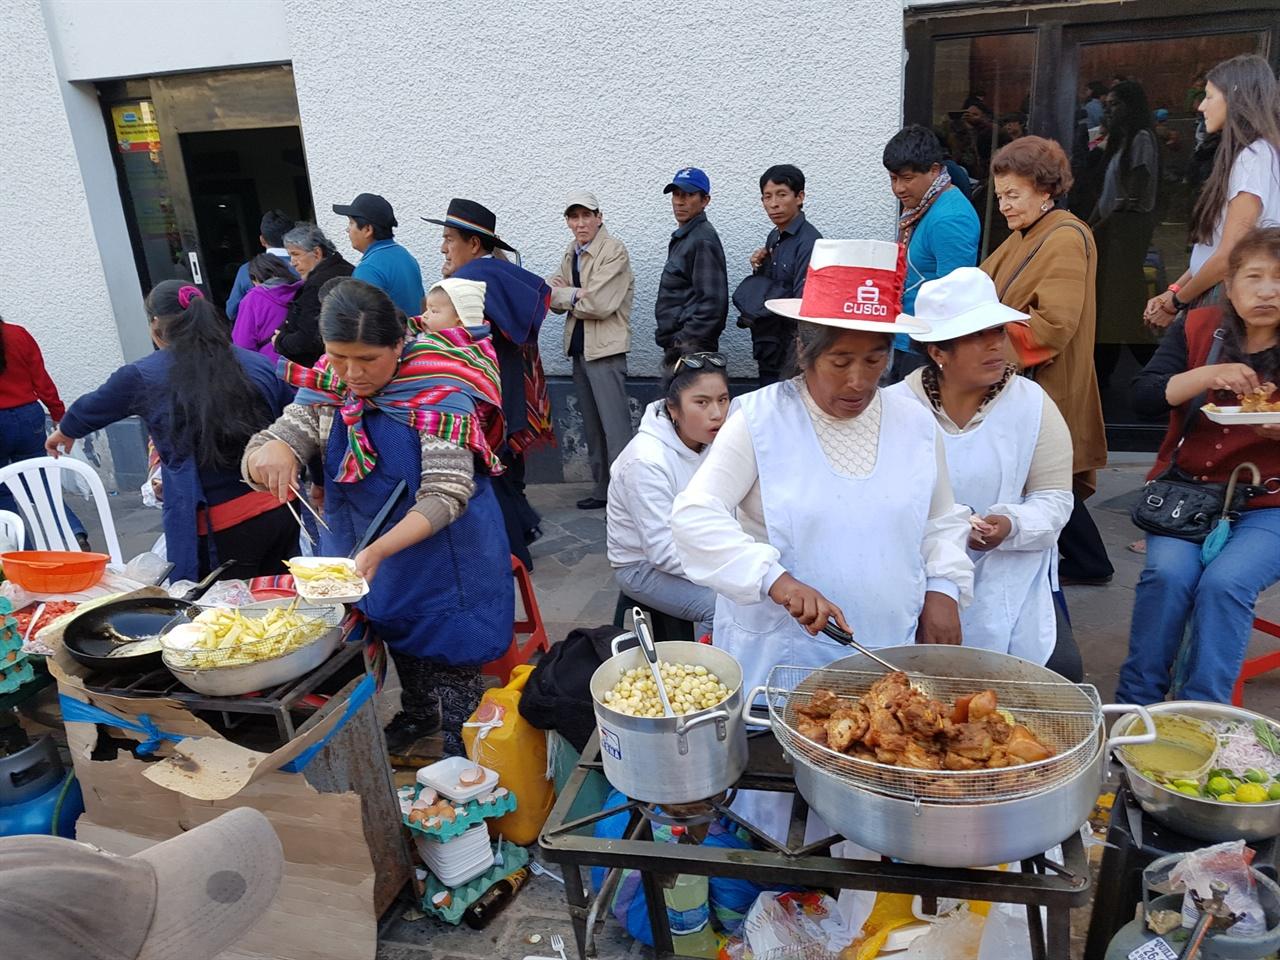 잉카원주민들의 거리음식 잉카 원주민의 전통의상을 입은 잉카 후예들이 미국, 유럽관광객들을 상대로 거리음식도 팔고 각종 공예품도 판다. 주로 쿠스크 인근에서 많이 생산되는 옥수수, 감자, 돼지고기, 닭고기 튀김 등과 페루식 막걸리인 '치차'와 잉카맥주를 판다.